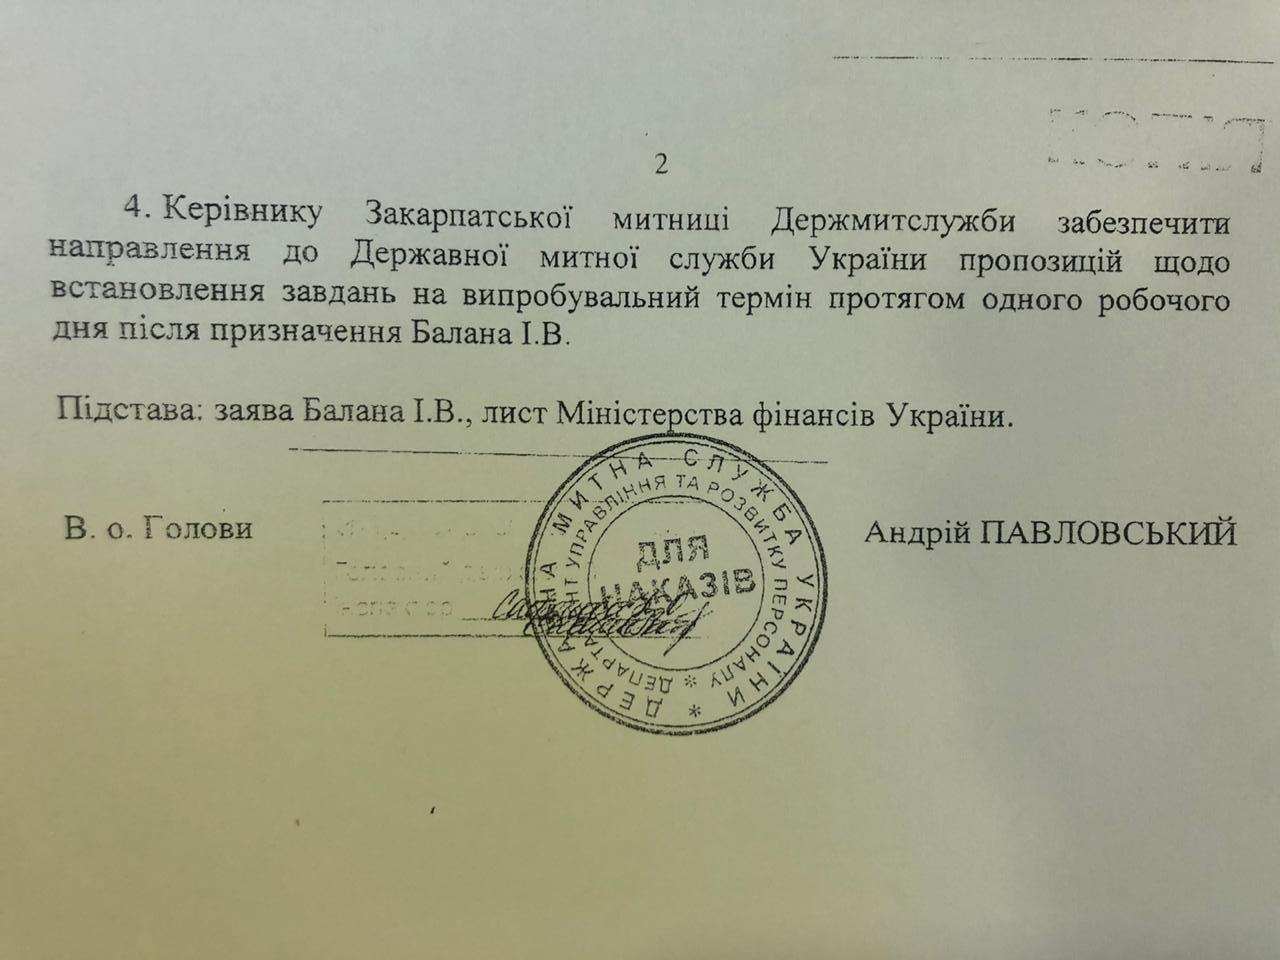 Ігор Балан - перший заступник начальника Закарпатської митниці (ОФІЦІЙНО), фото-3